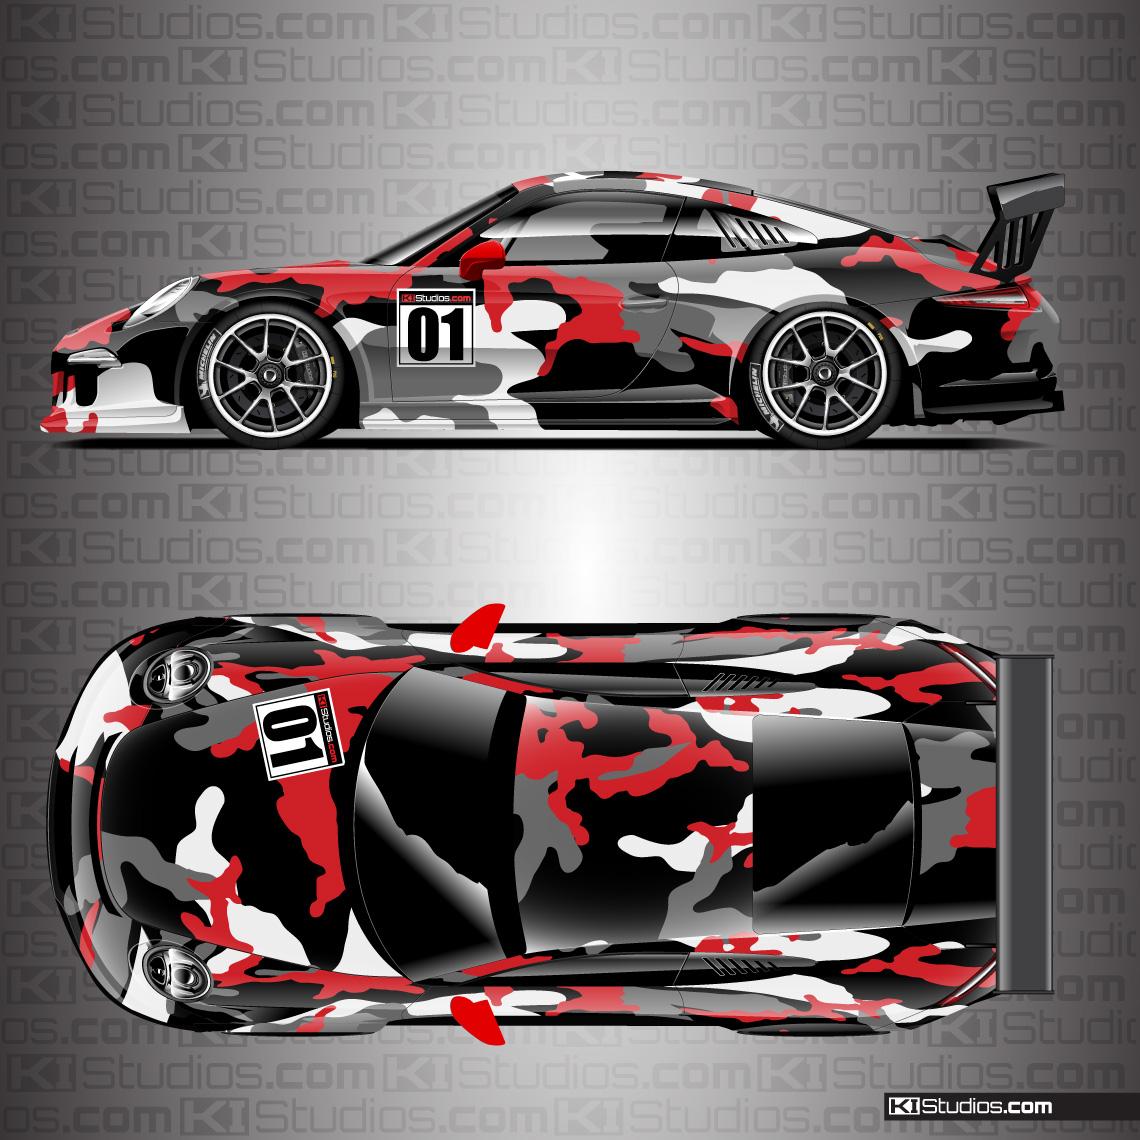 Porsche Racing Livery Camo Wrap - Covert